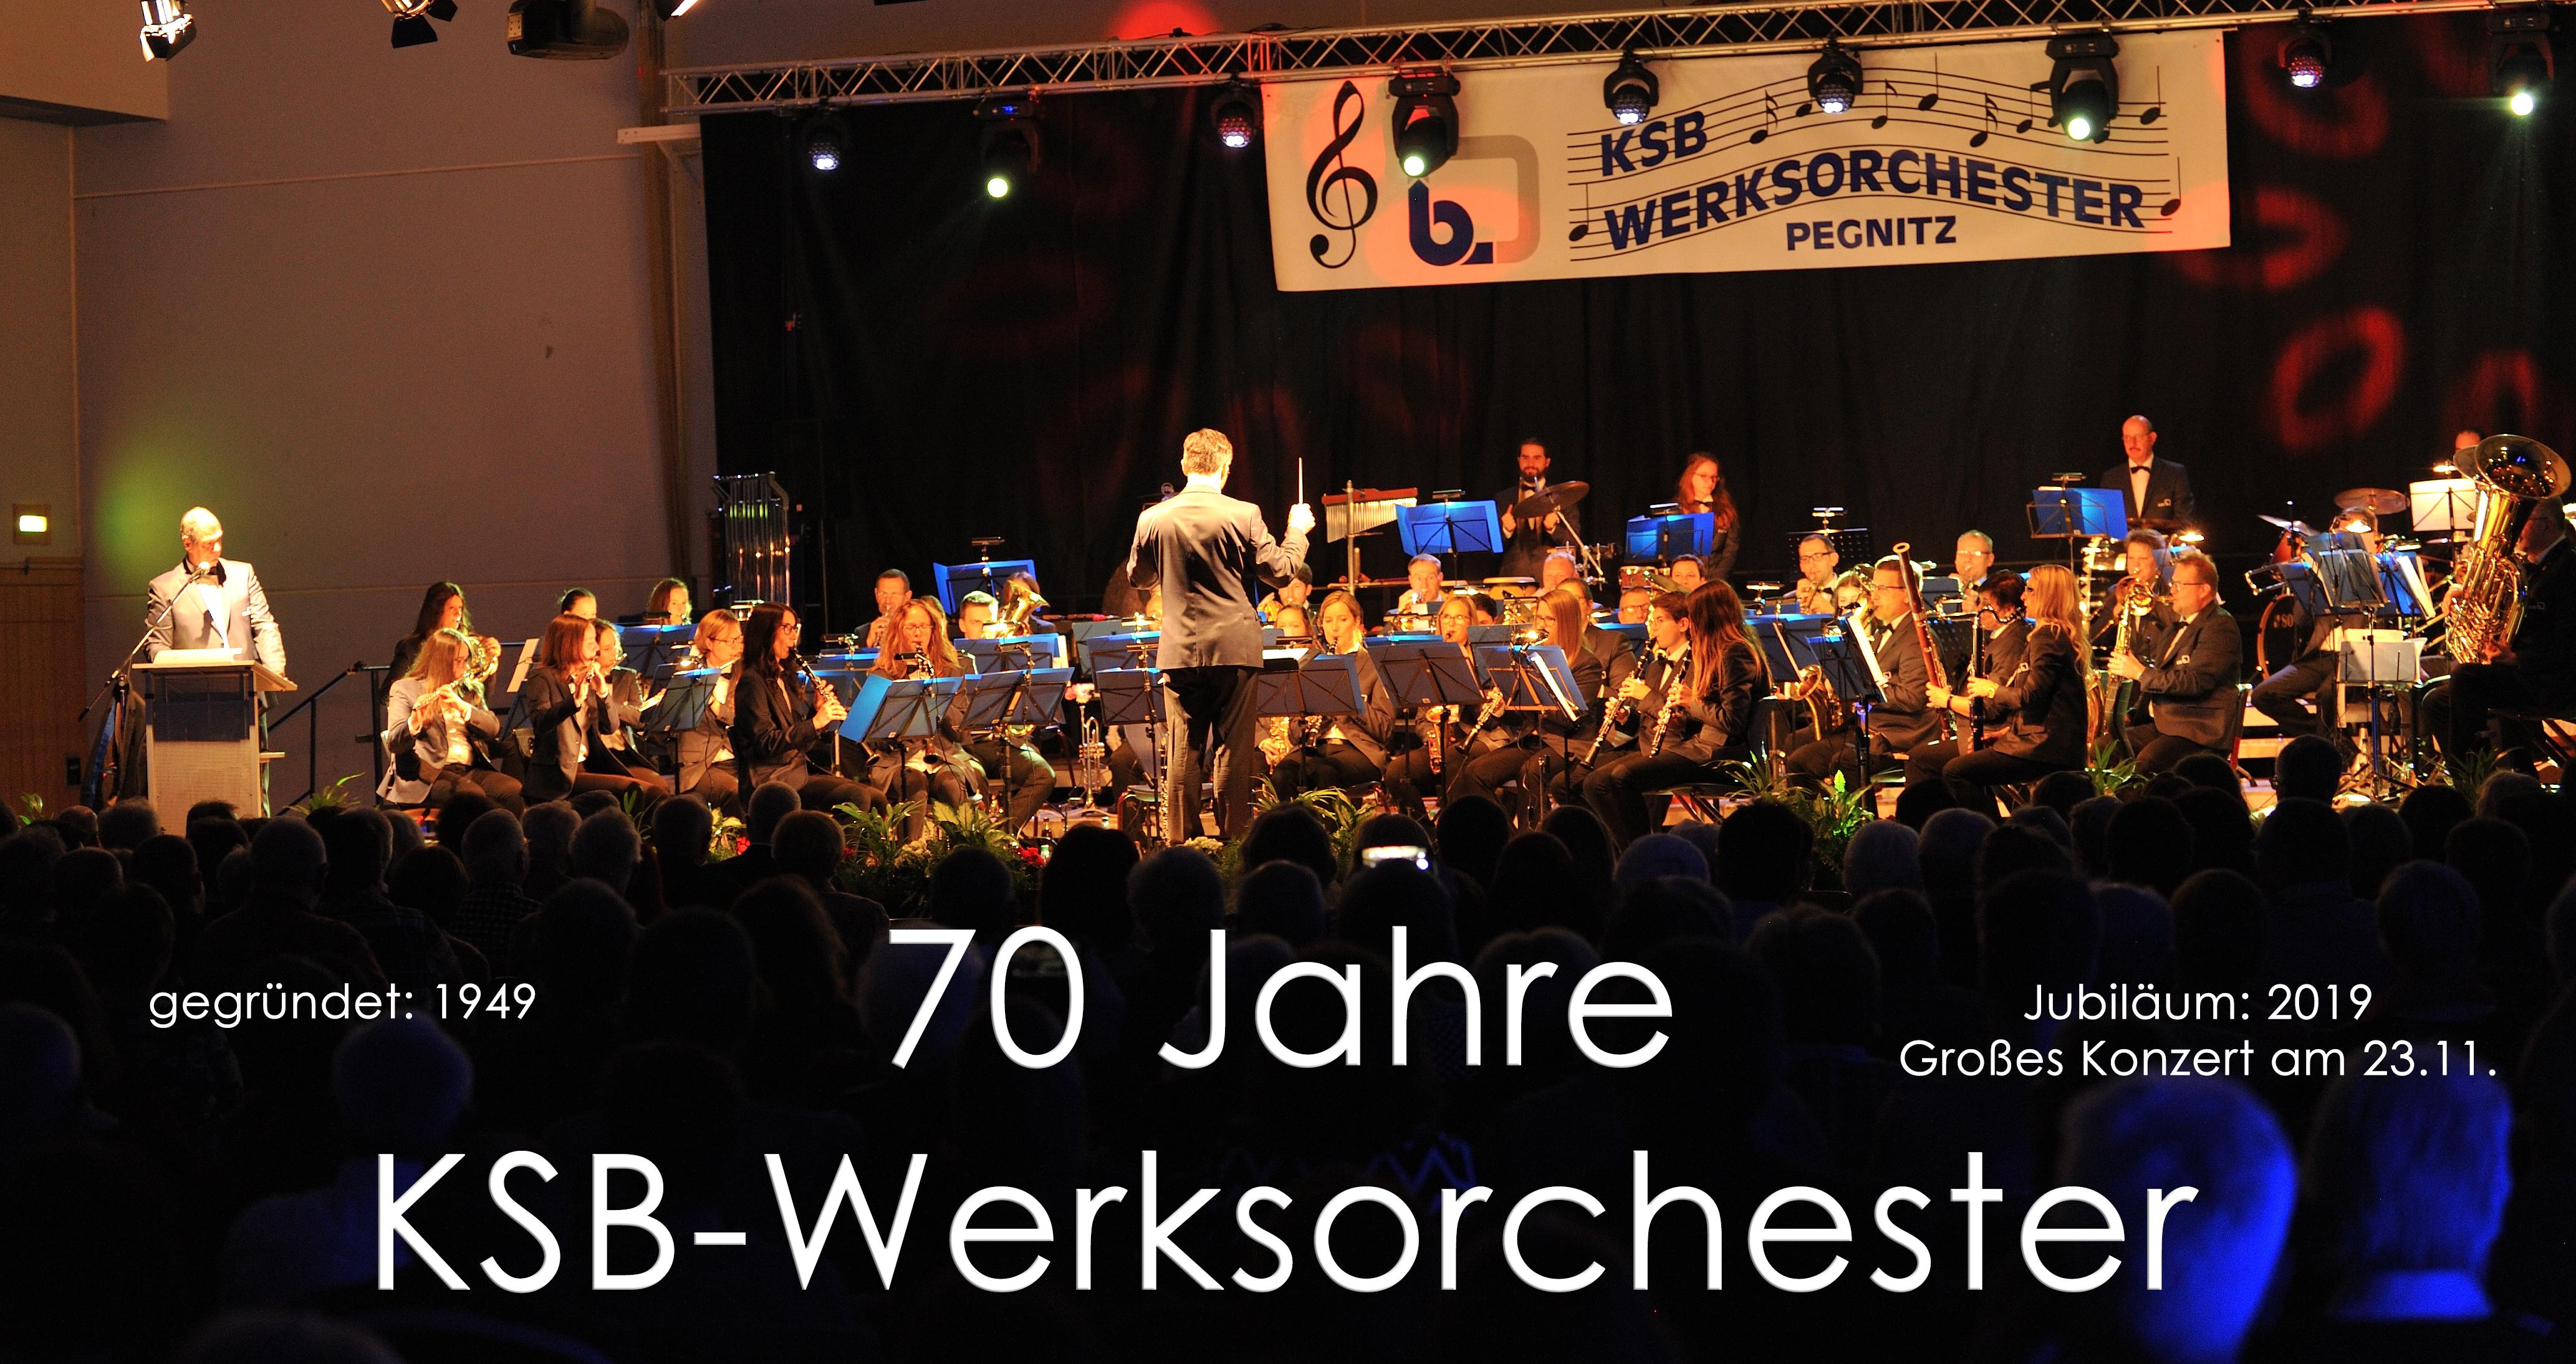 70 Jahre KSB Werksorchester